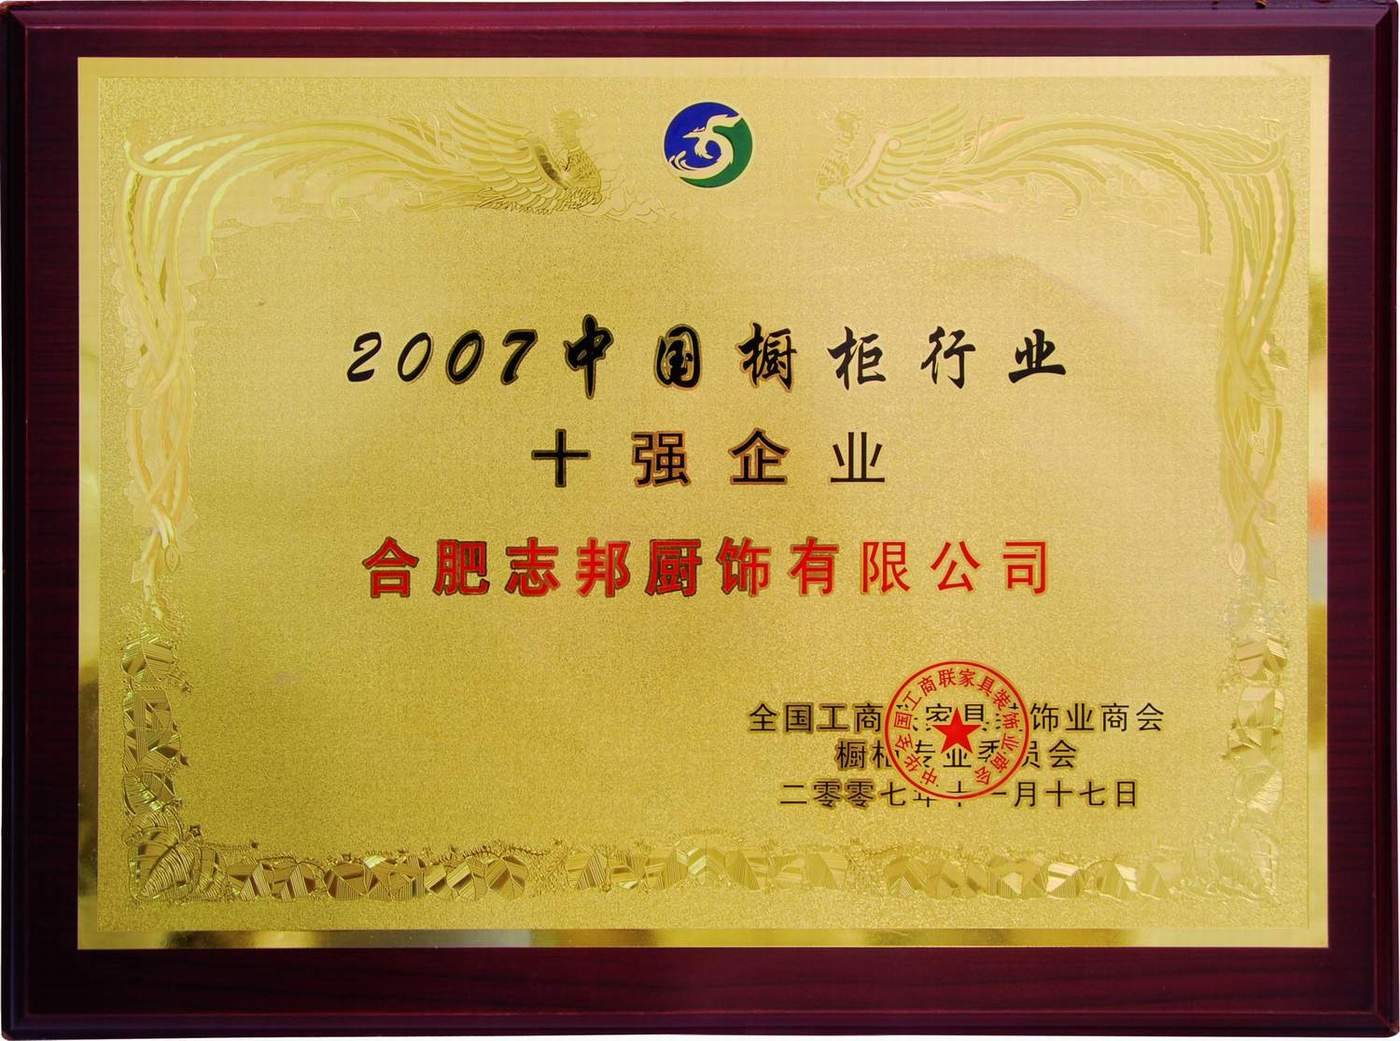 2007年中国橱柜行业十强企业